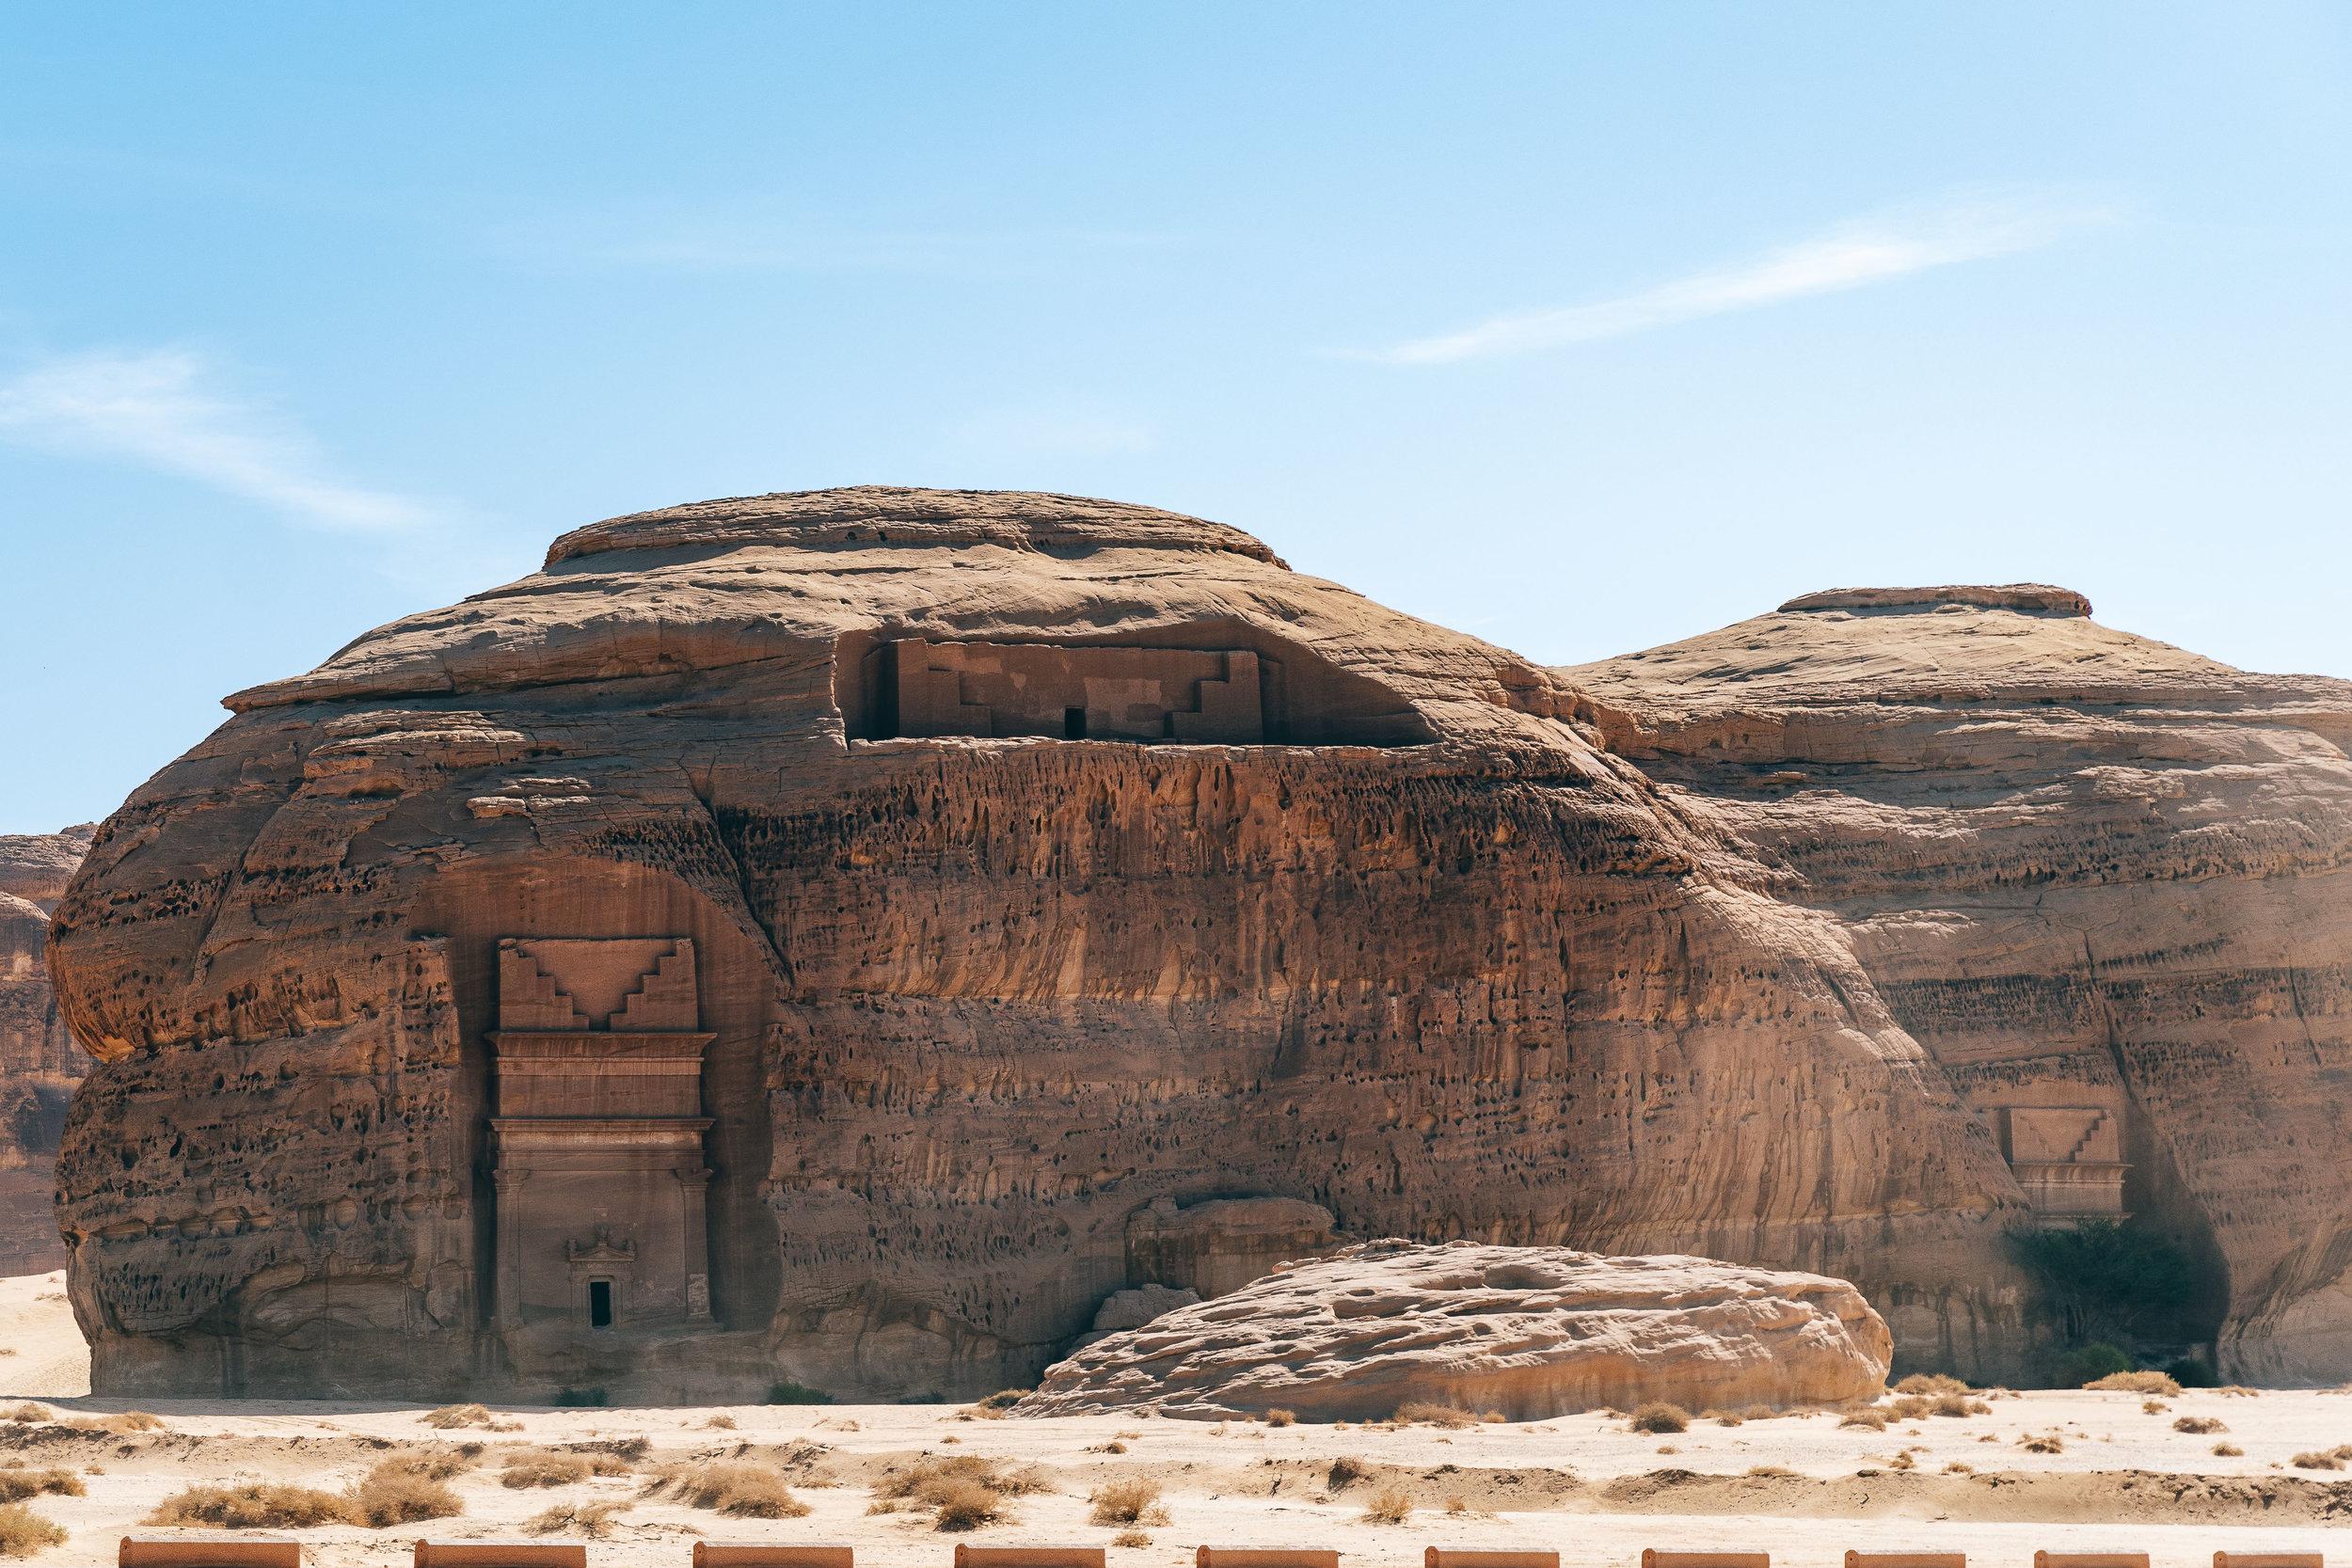 Saudi Arabia Kawa News - Marc Nouss Photography-18-2.jpg